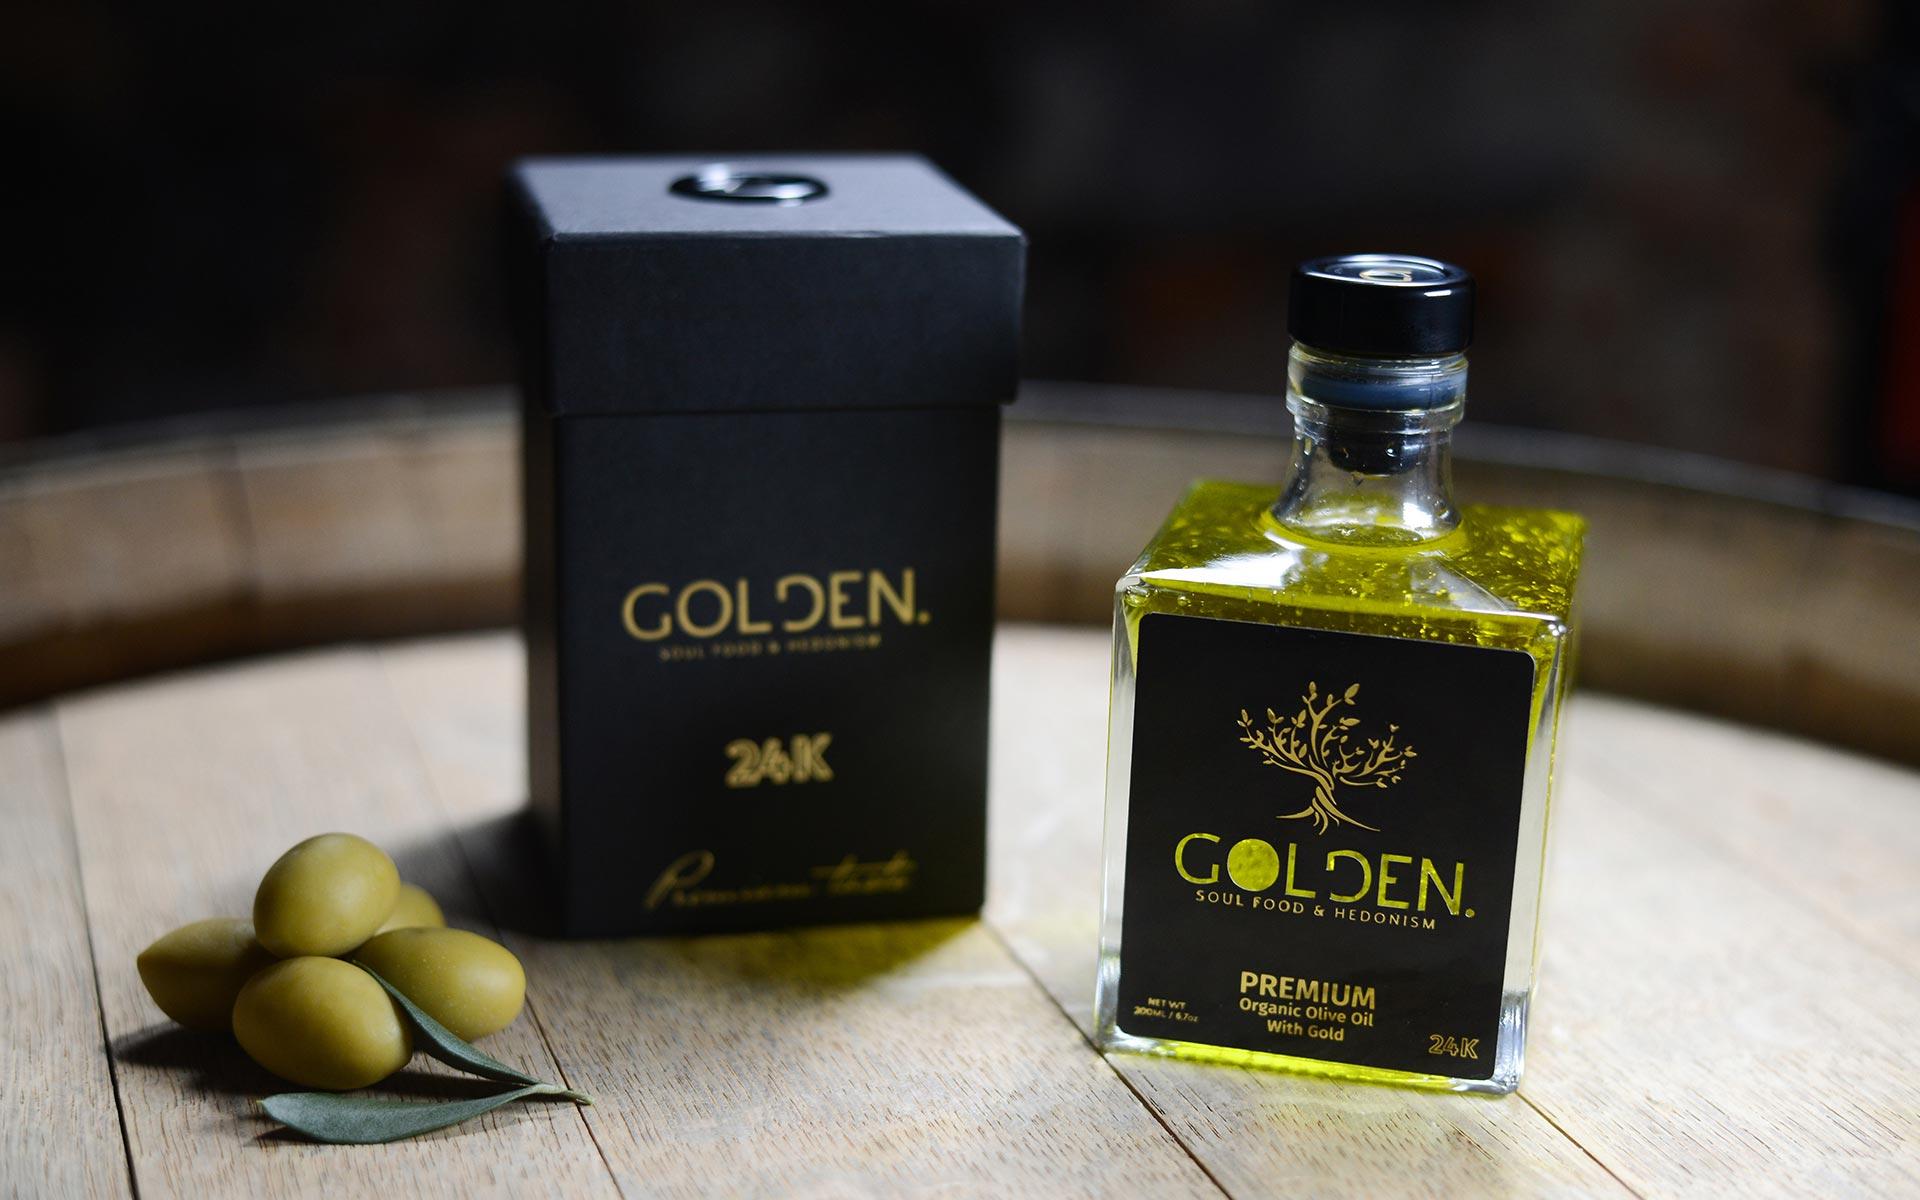 Olivno olje z zlatimi lističi lahko kupite ali ga dobite postreženega v eni izmed petih slovenskih restavracij. Kasneje pa boste lahko nanj naleteli tudi v tujini.